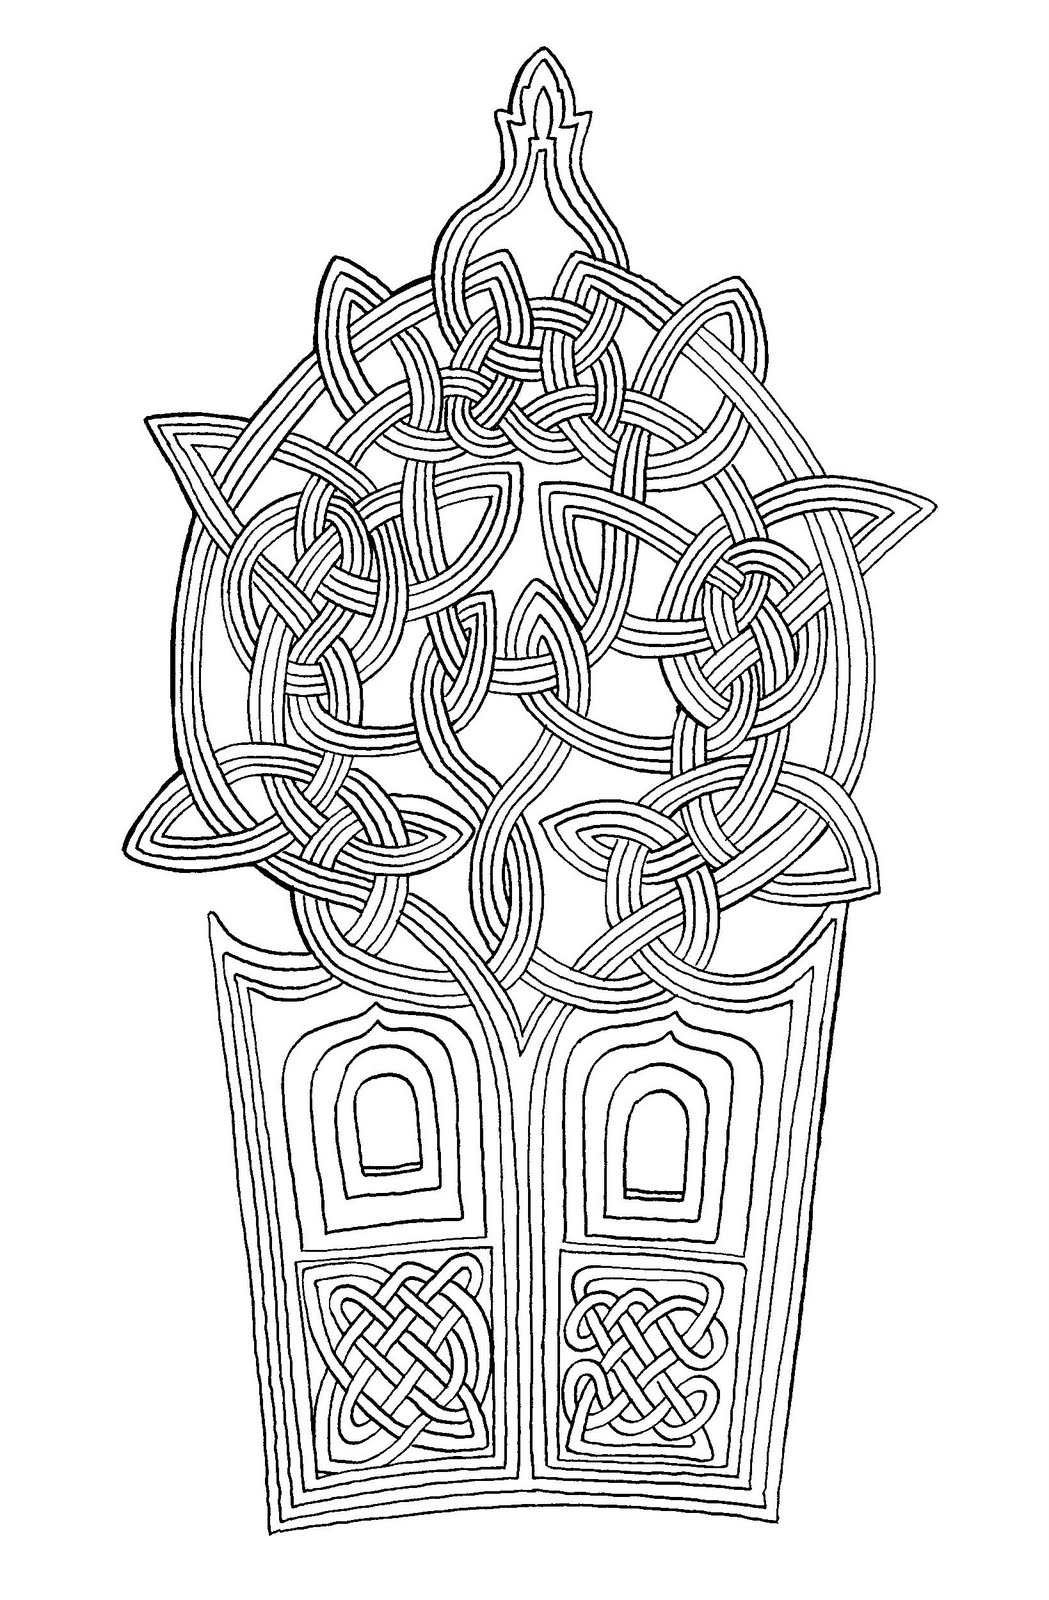 Bonito Para Colorear Mandala Celta Cresta - Ideas Para Colorear ...